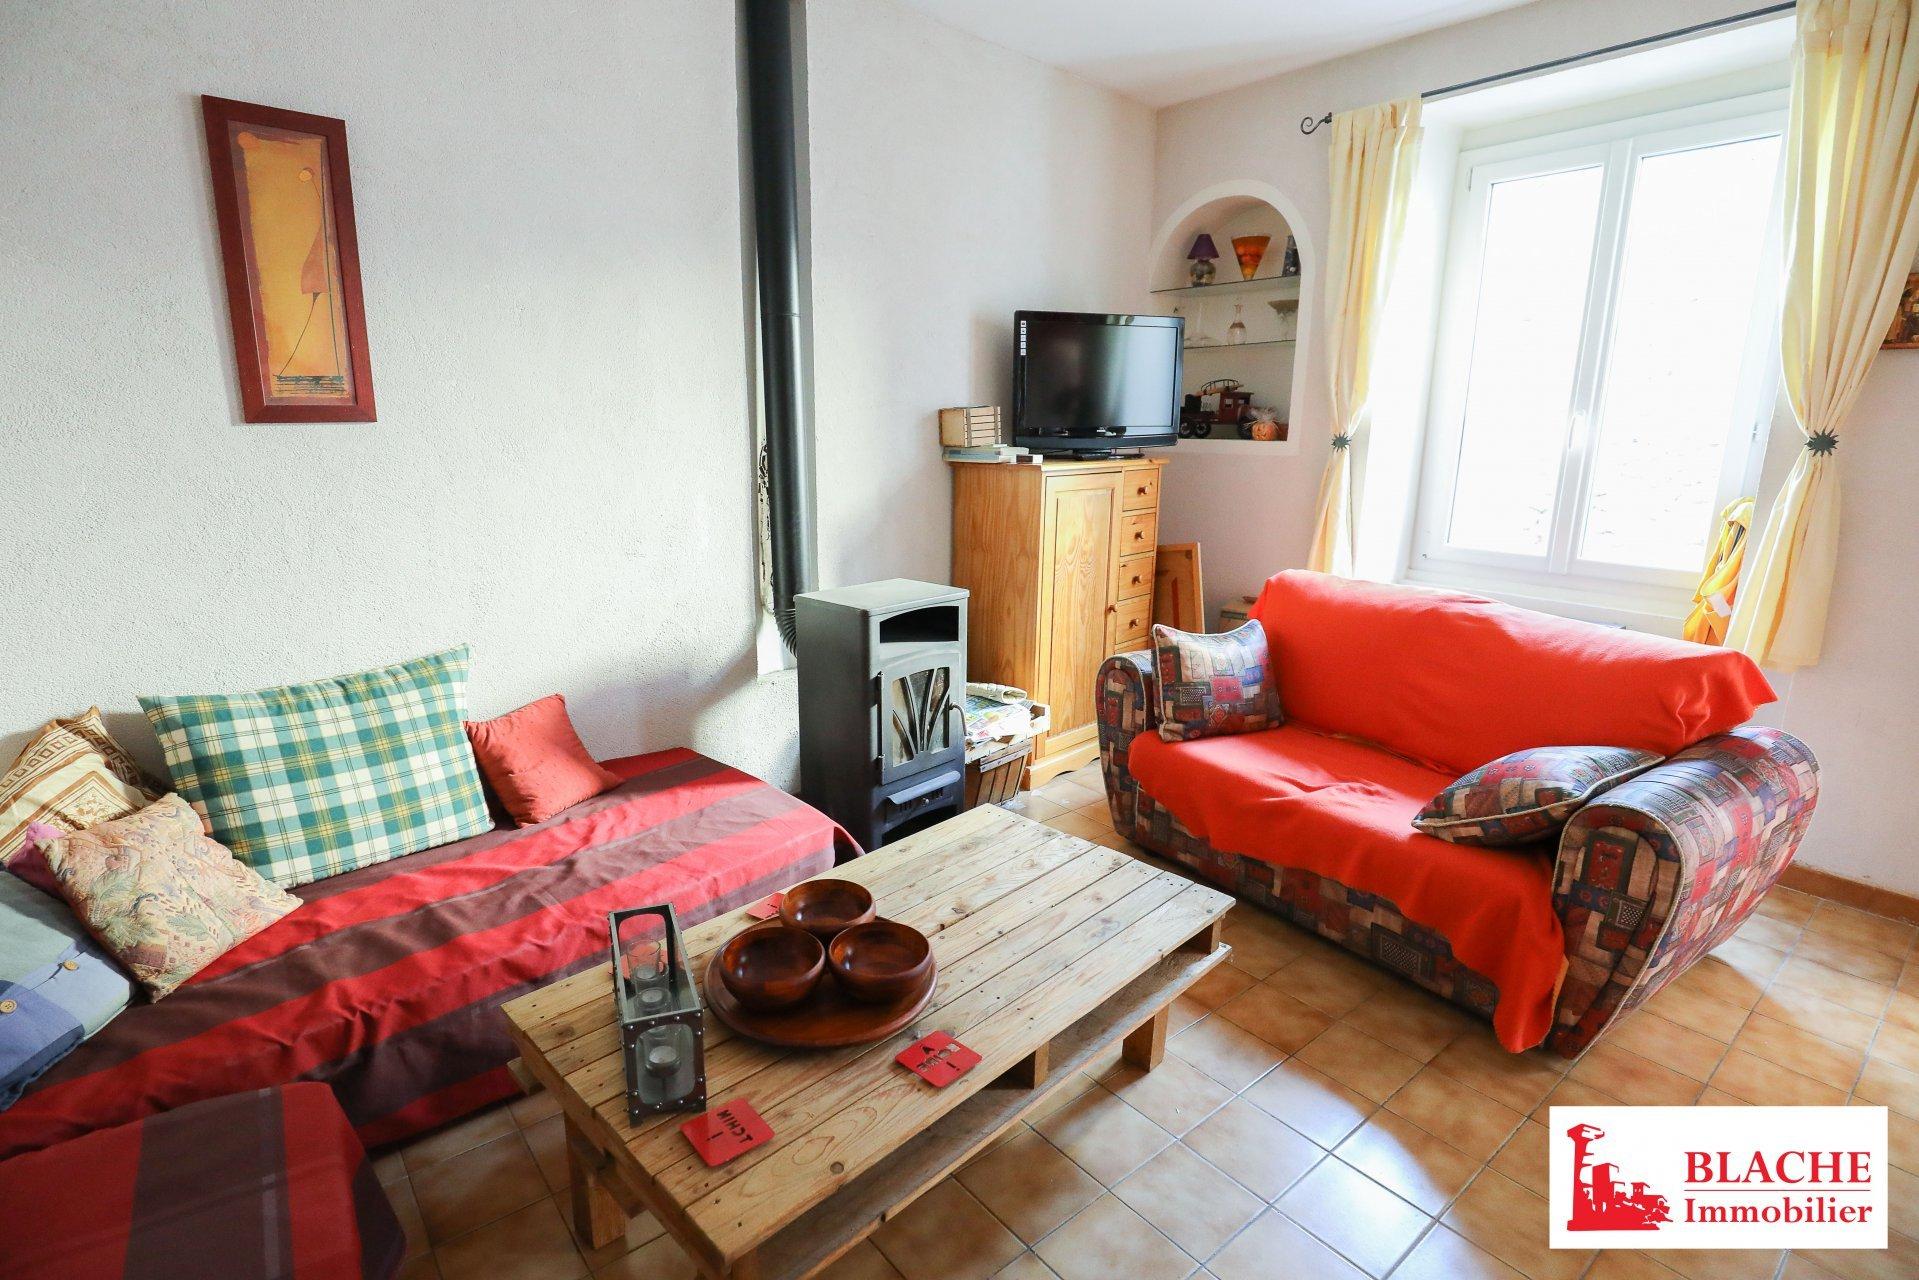 Vente Maison de village - La Voulte-sur-Rhône